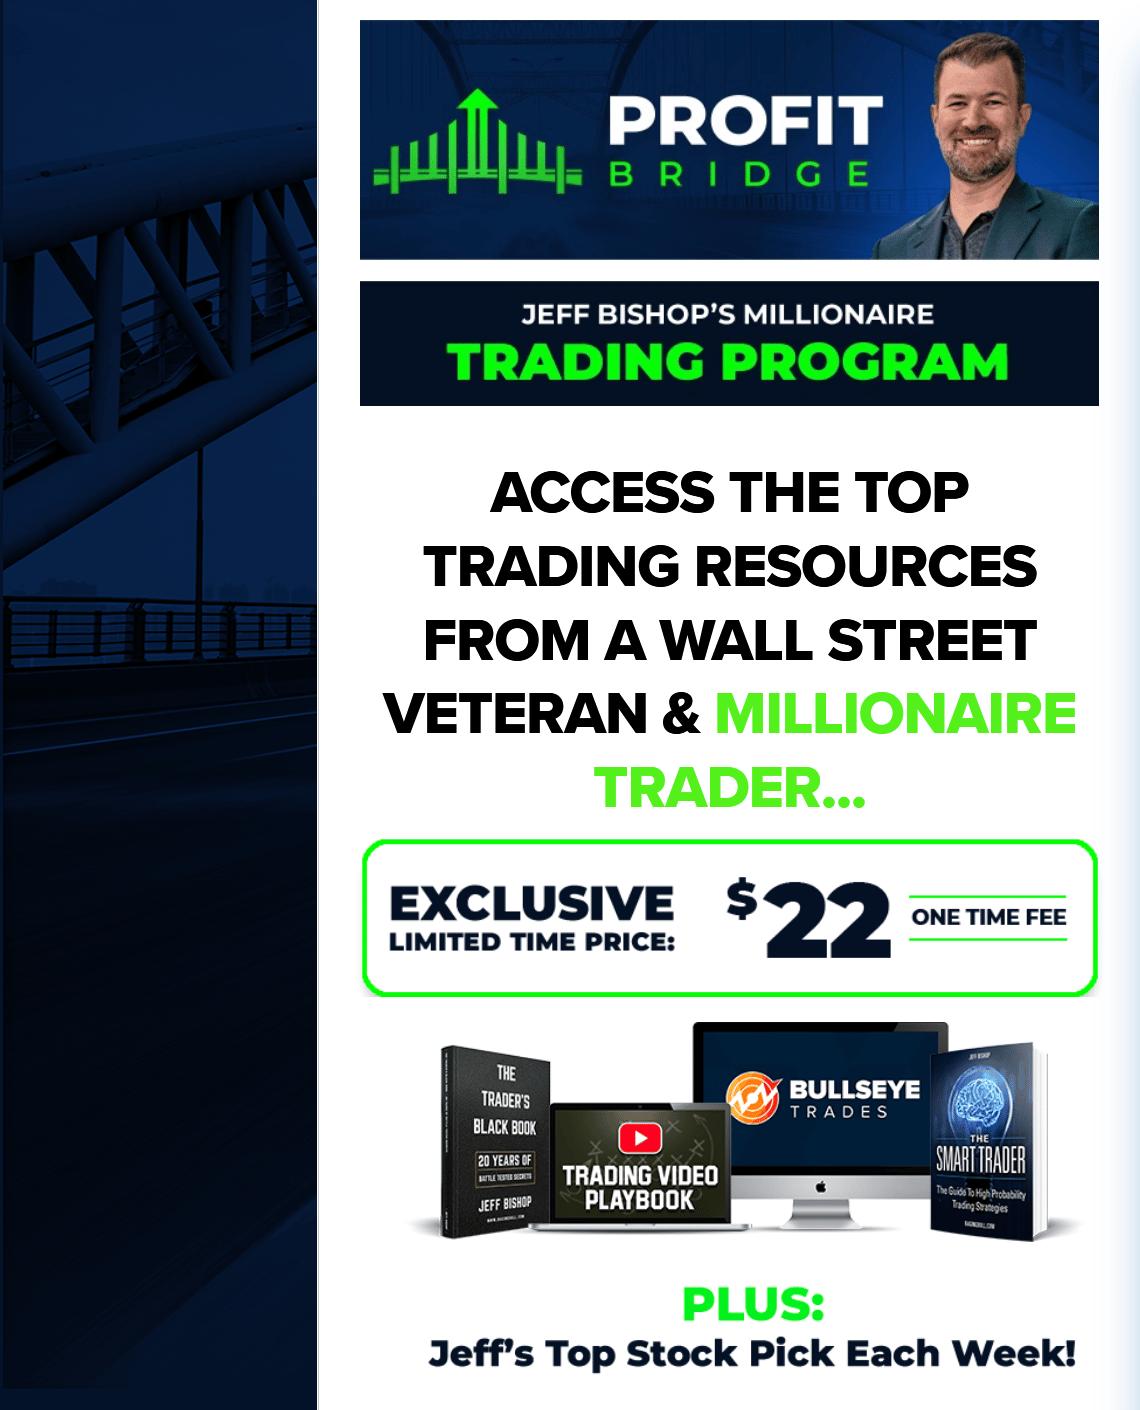 Jeff Bishop Profit Bridge: The Million Dollar Starter Pack